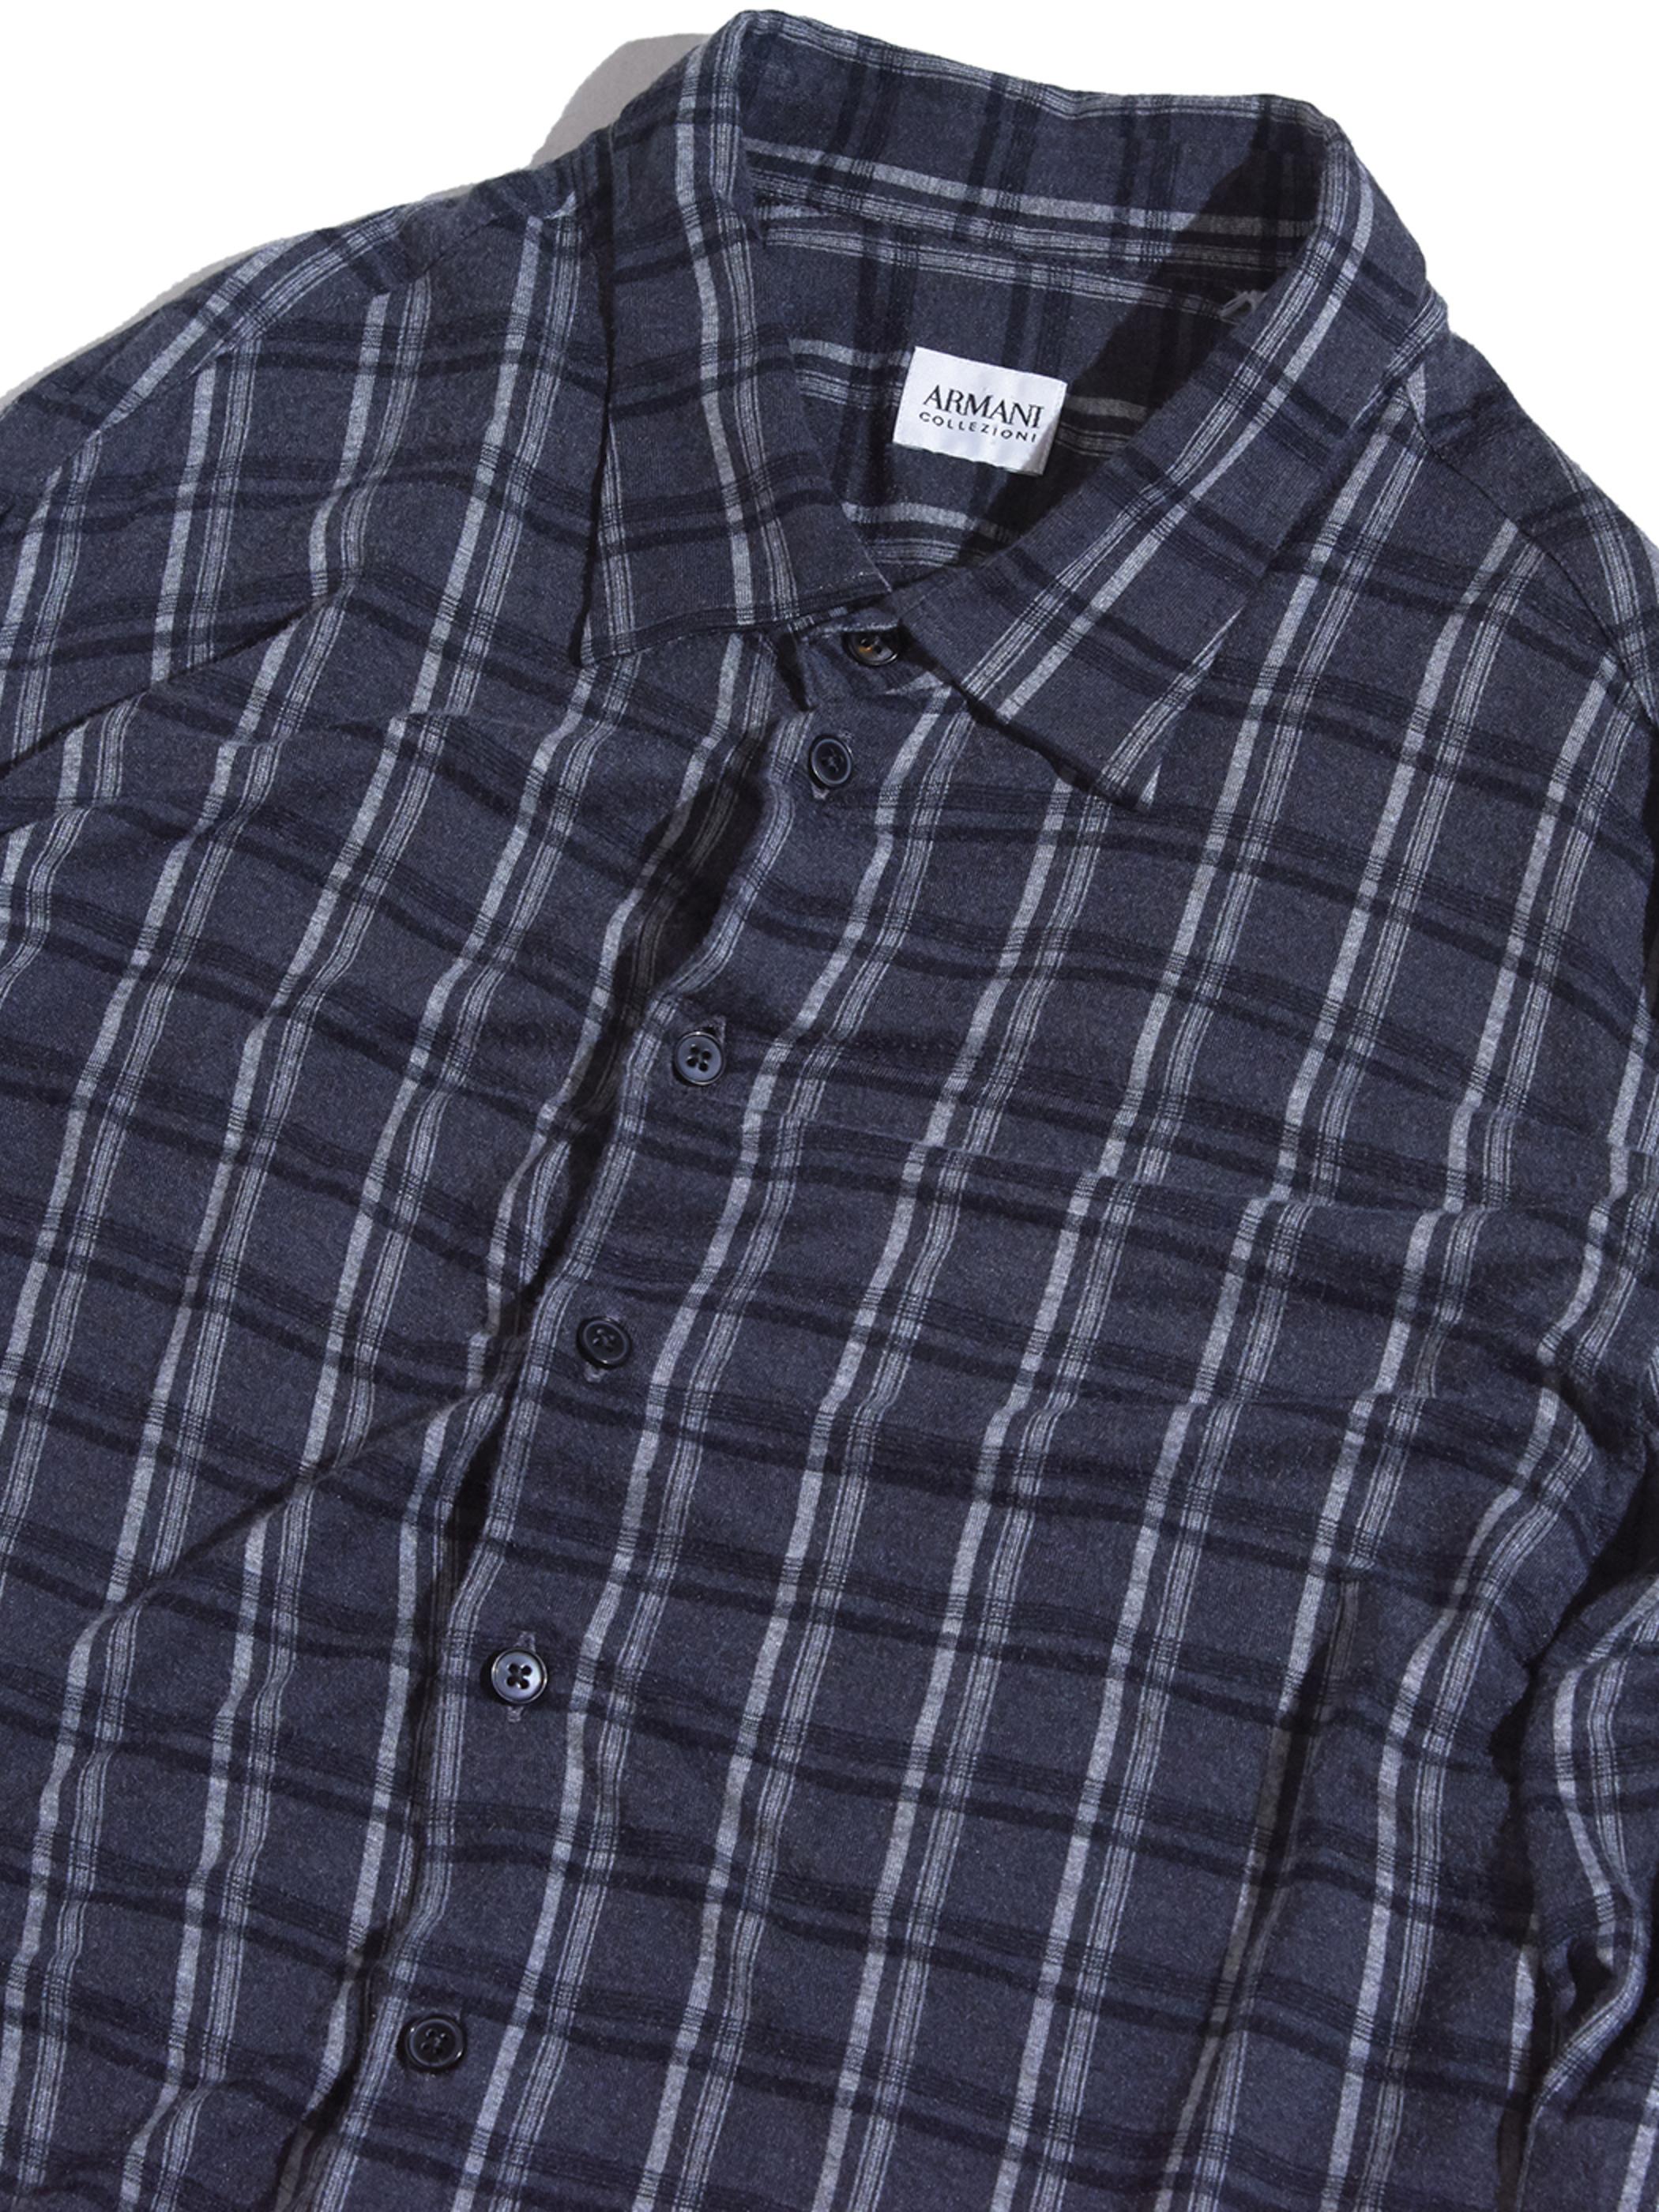 """2000s """"ARMANI"""" check shirt -CHACOAL-"""